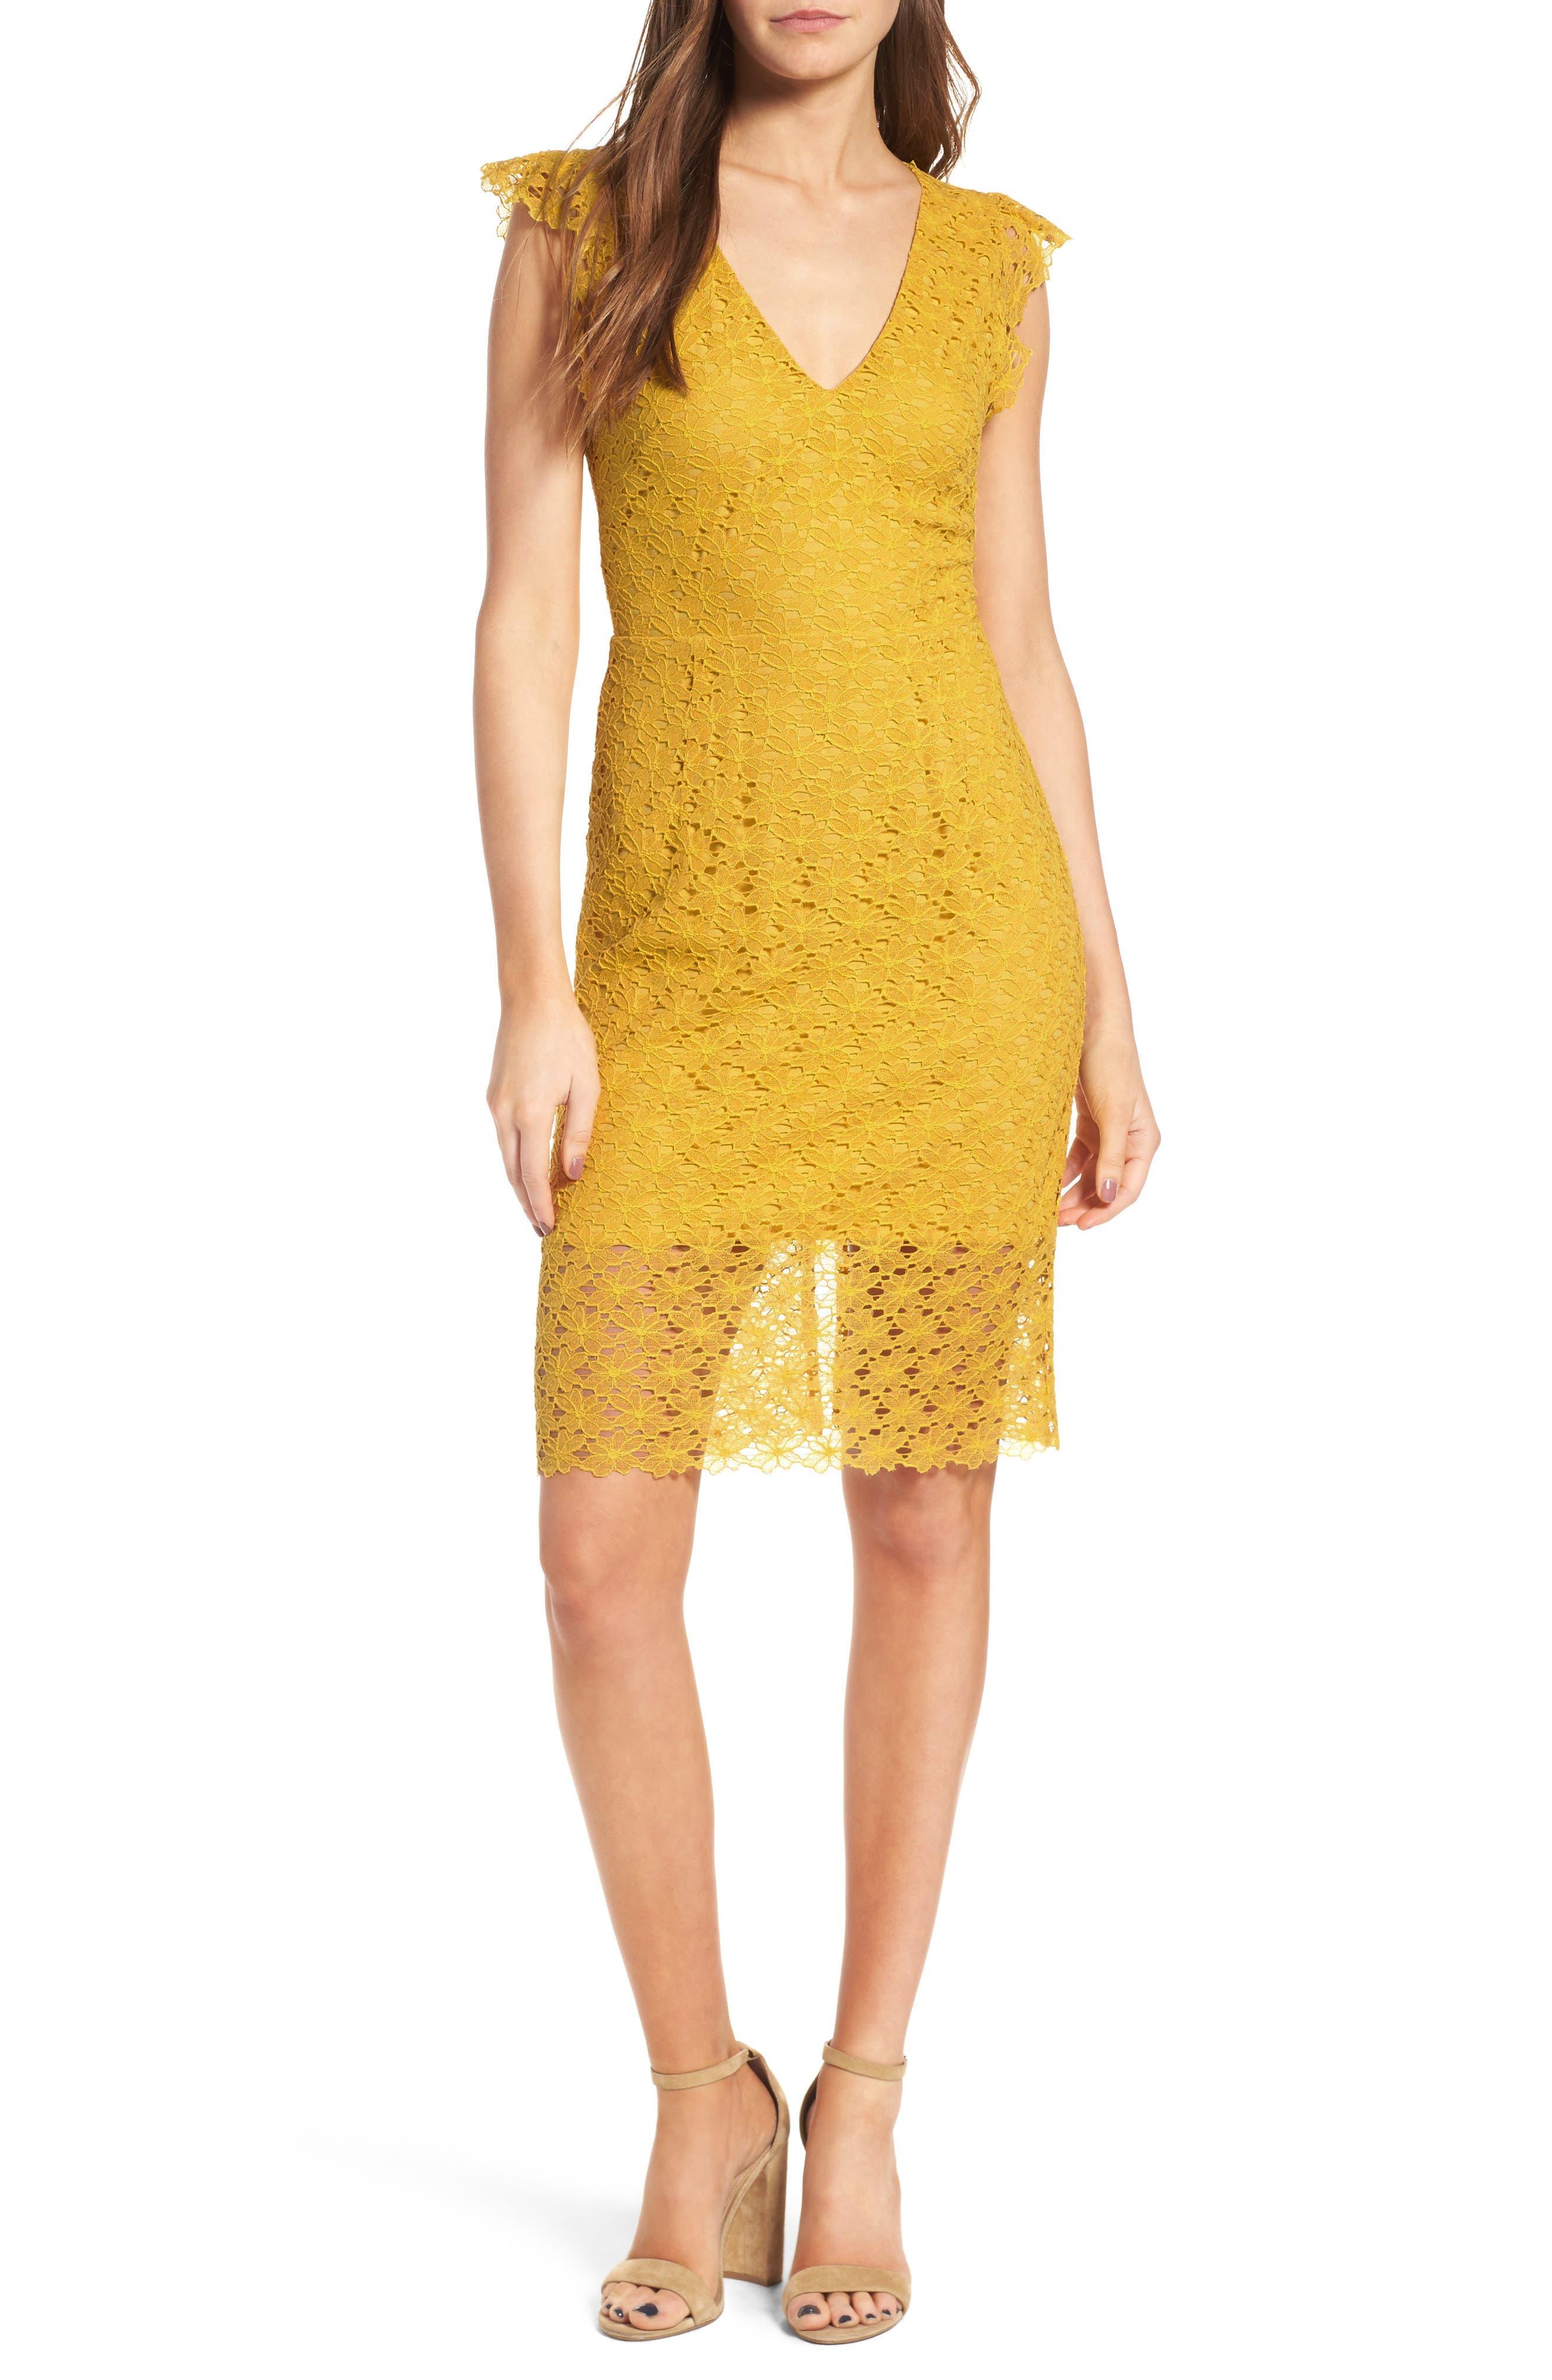 J.O.A. Lace Sheath Dress